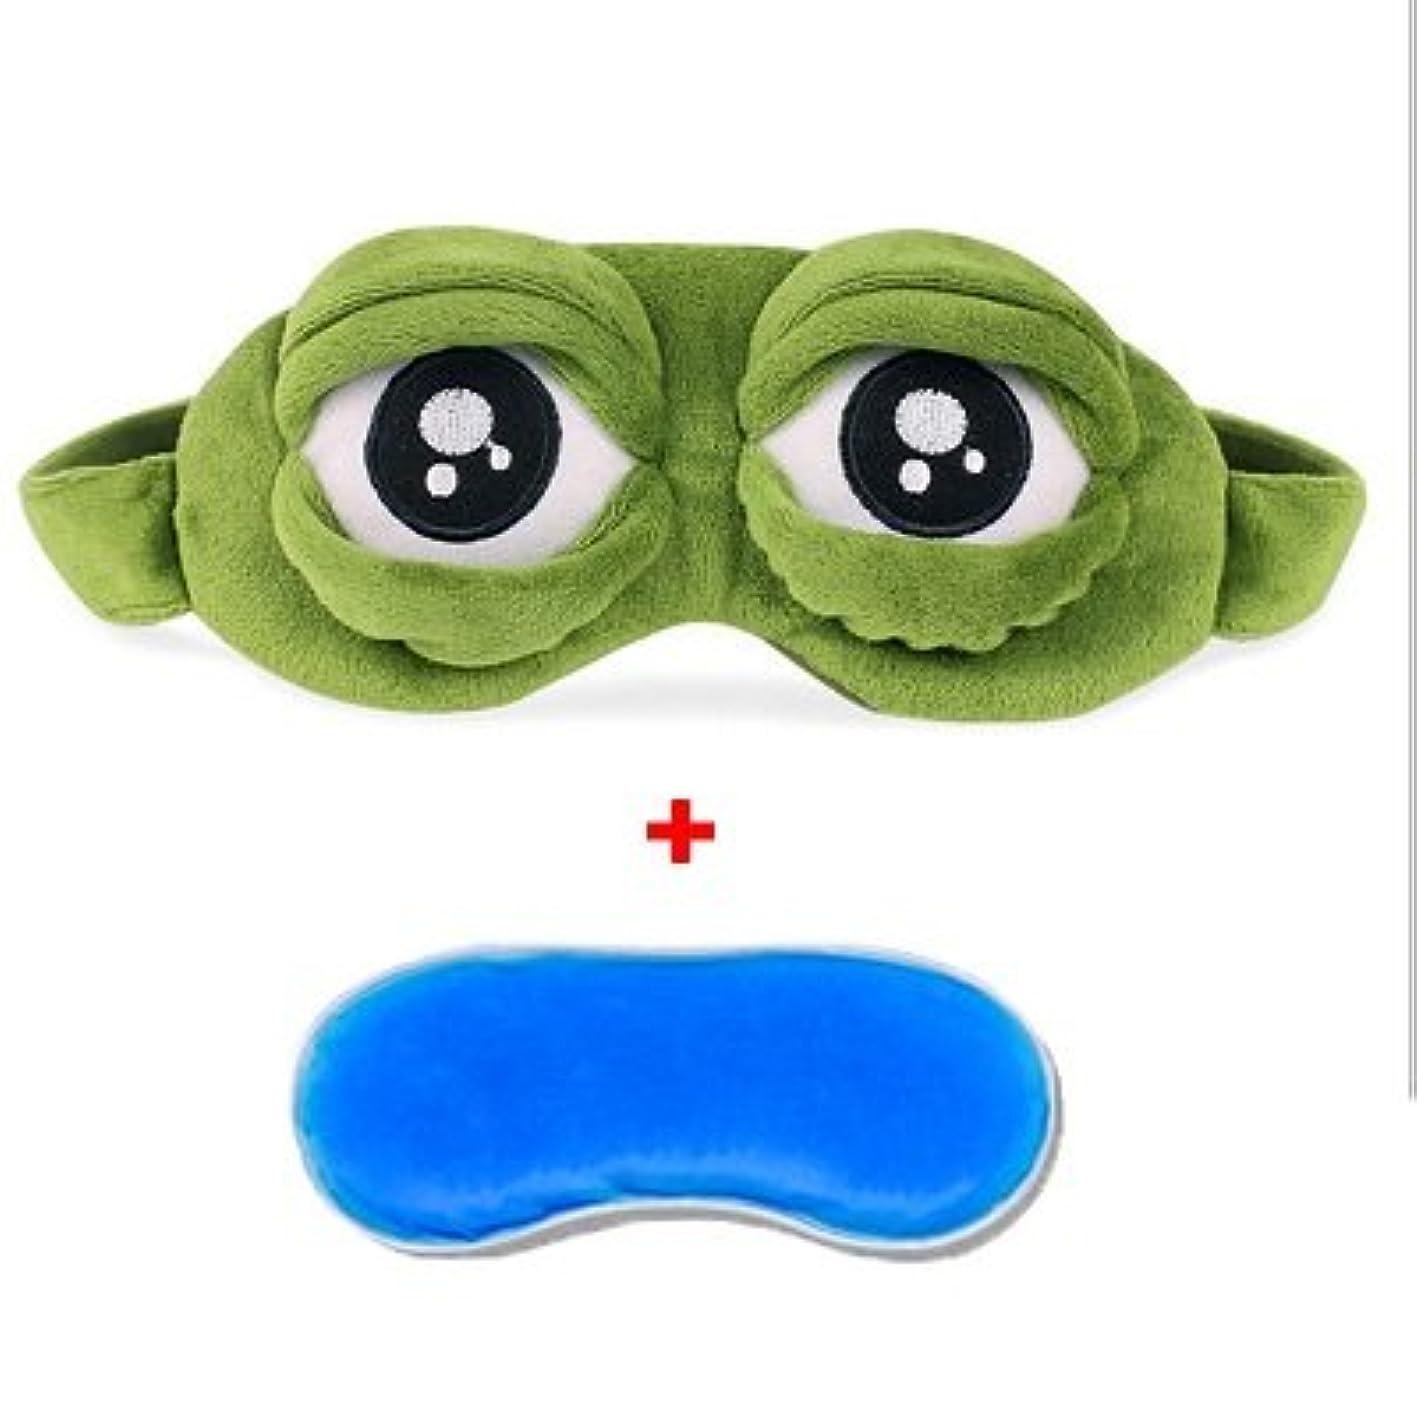 導出絡み合い娯楽NOTE 3d悲しいカエル睡眠マスク睡眠補助目隠しアイスカバーアイシェードぬいぐるみアニメコスプレ衣装面白いおもちゃアイパッチ